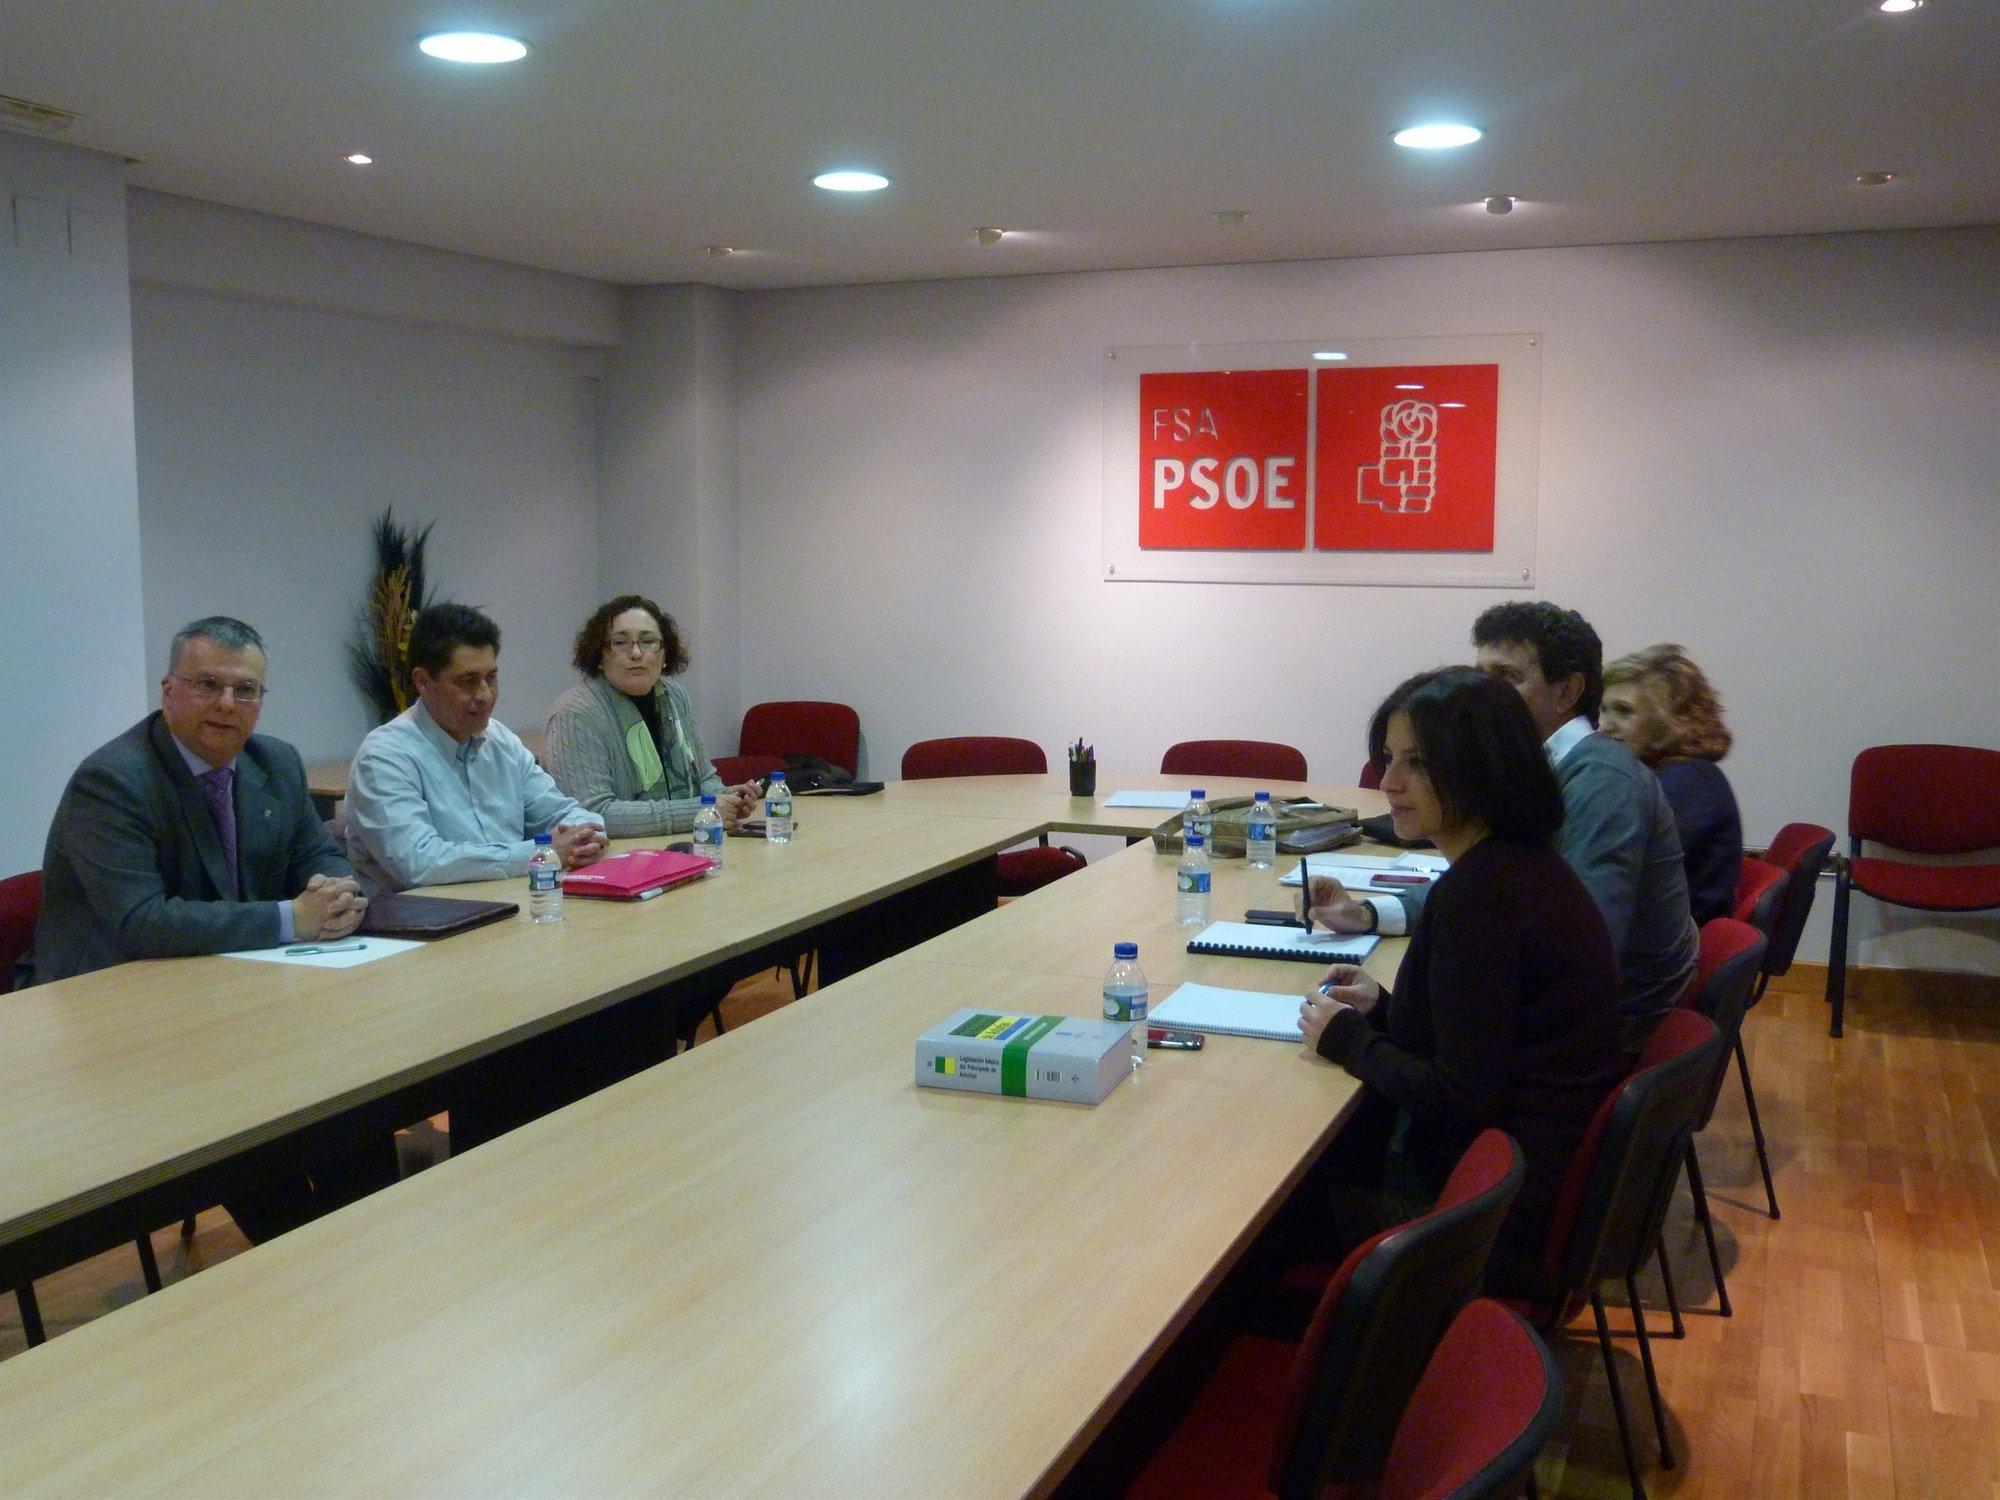 PSOE y UPyD coinciden en acortar plazos para constituir la Junta General del Principado